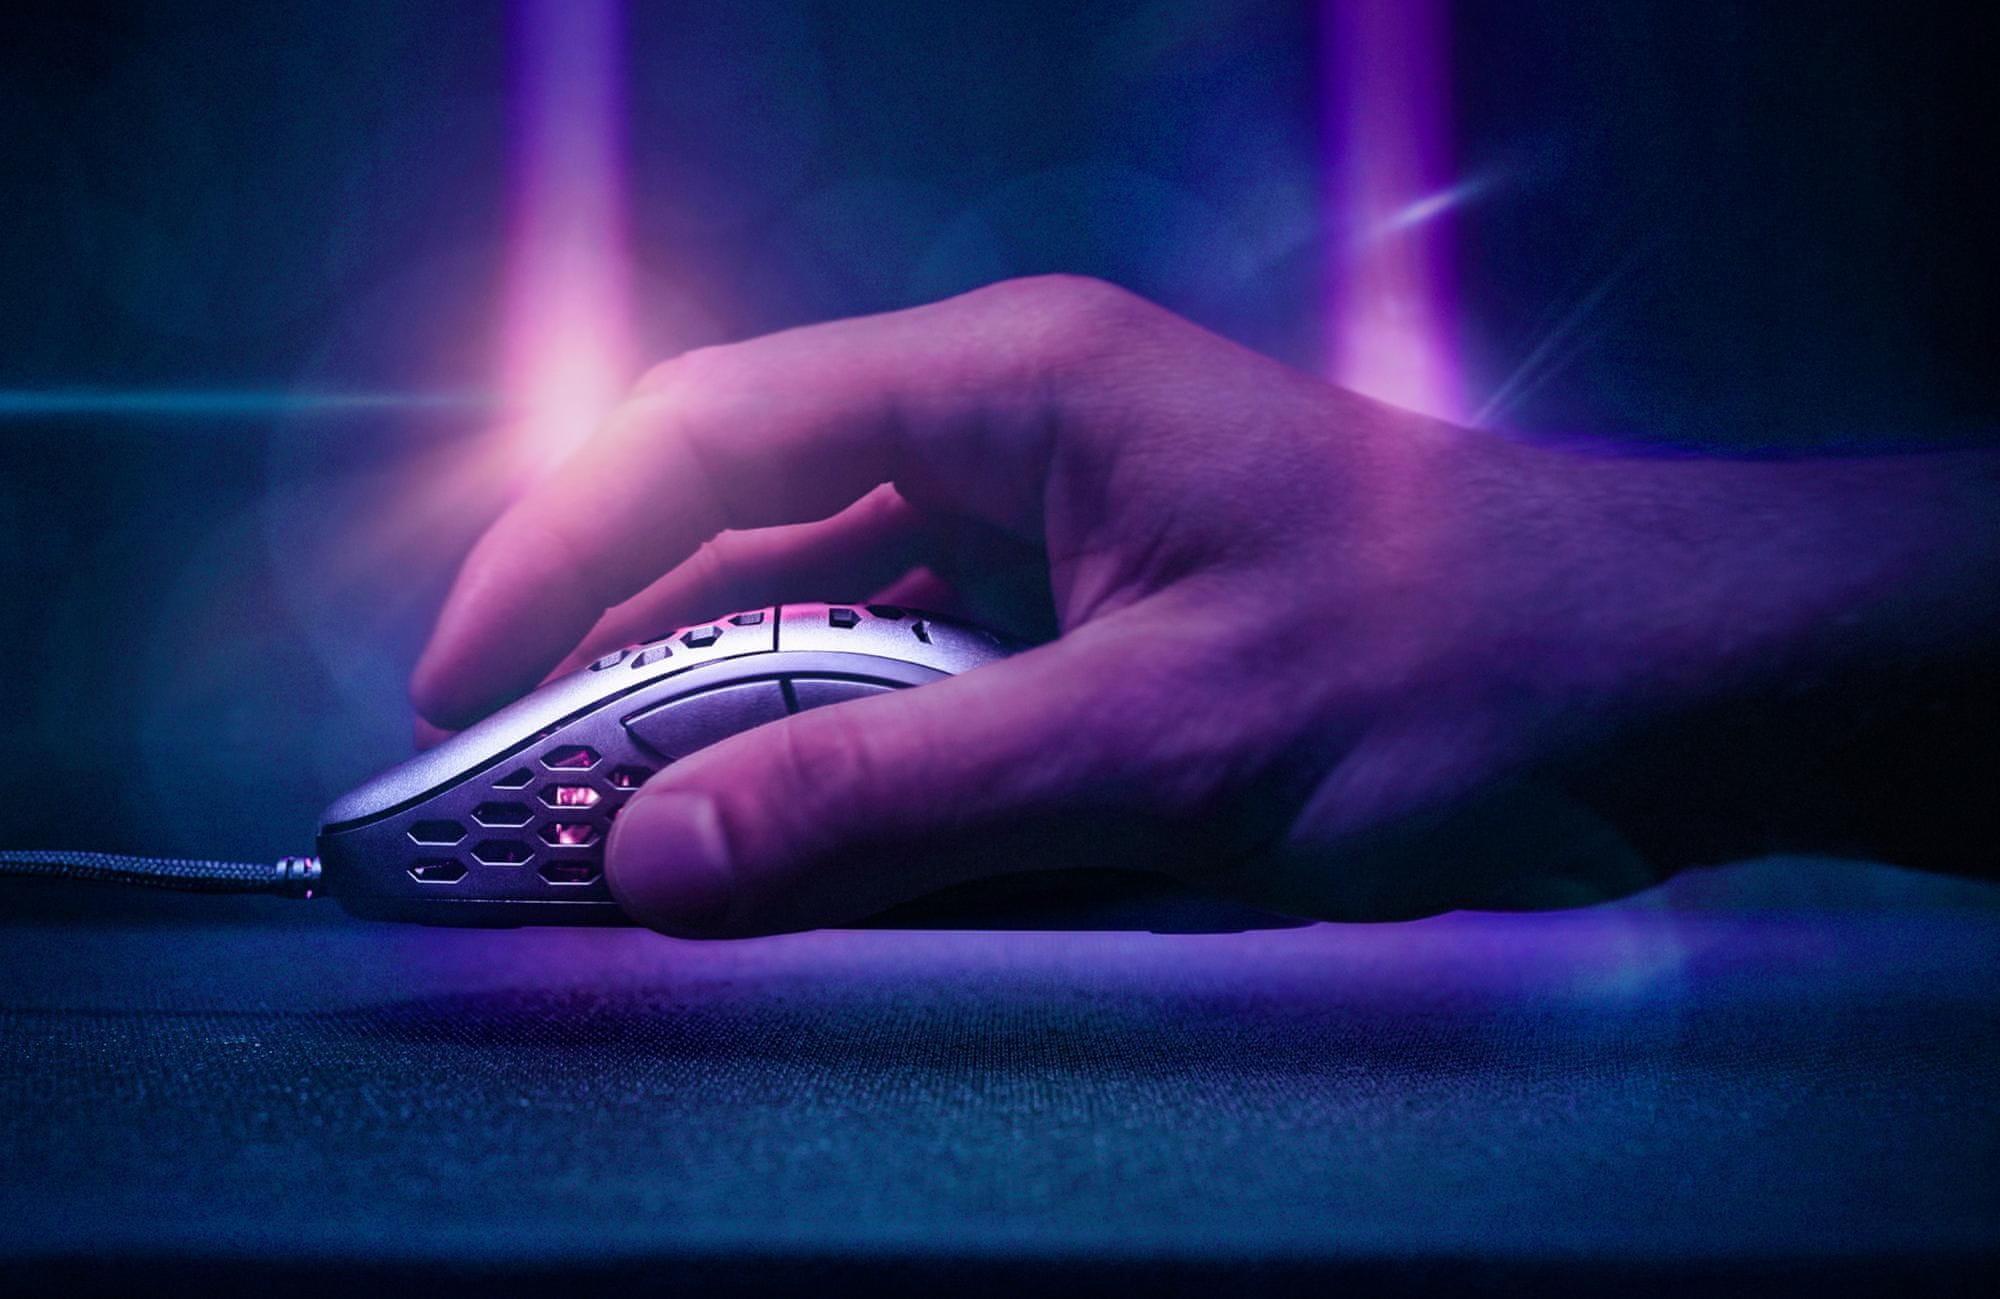 Herní myš Niceboy ORYX M666 Daemon (oryx-m-666-daemon) drátová 10 000 DPI 6 programovatelných tlačítek ultralehká ergonomie